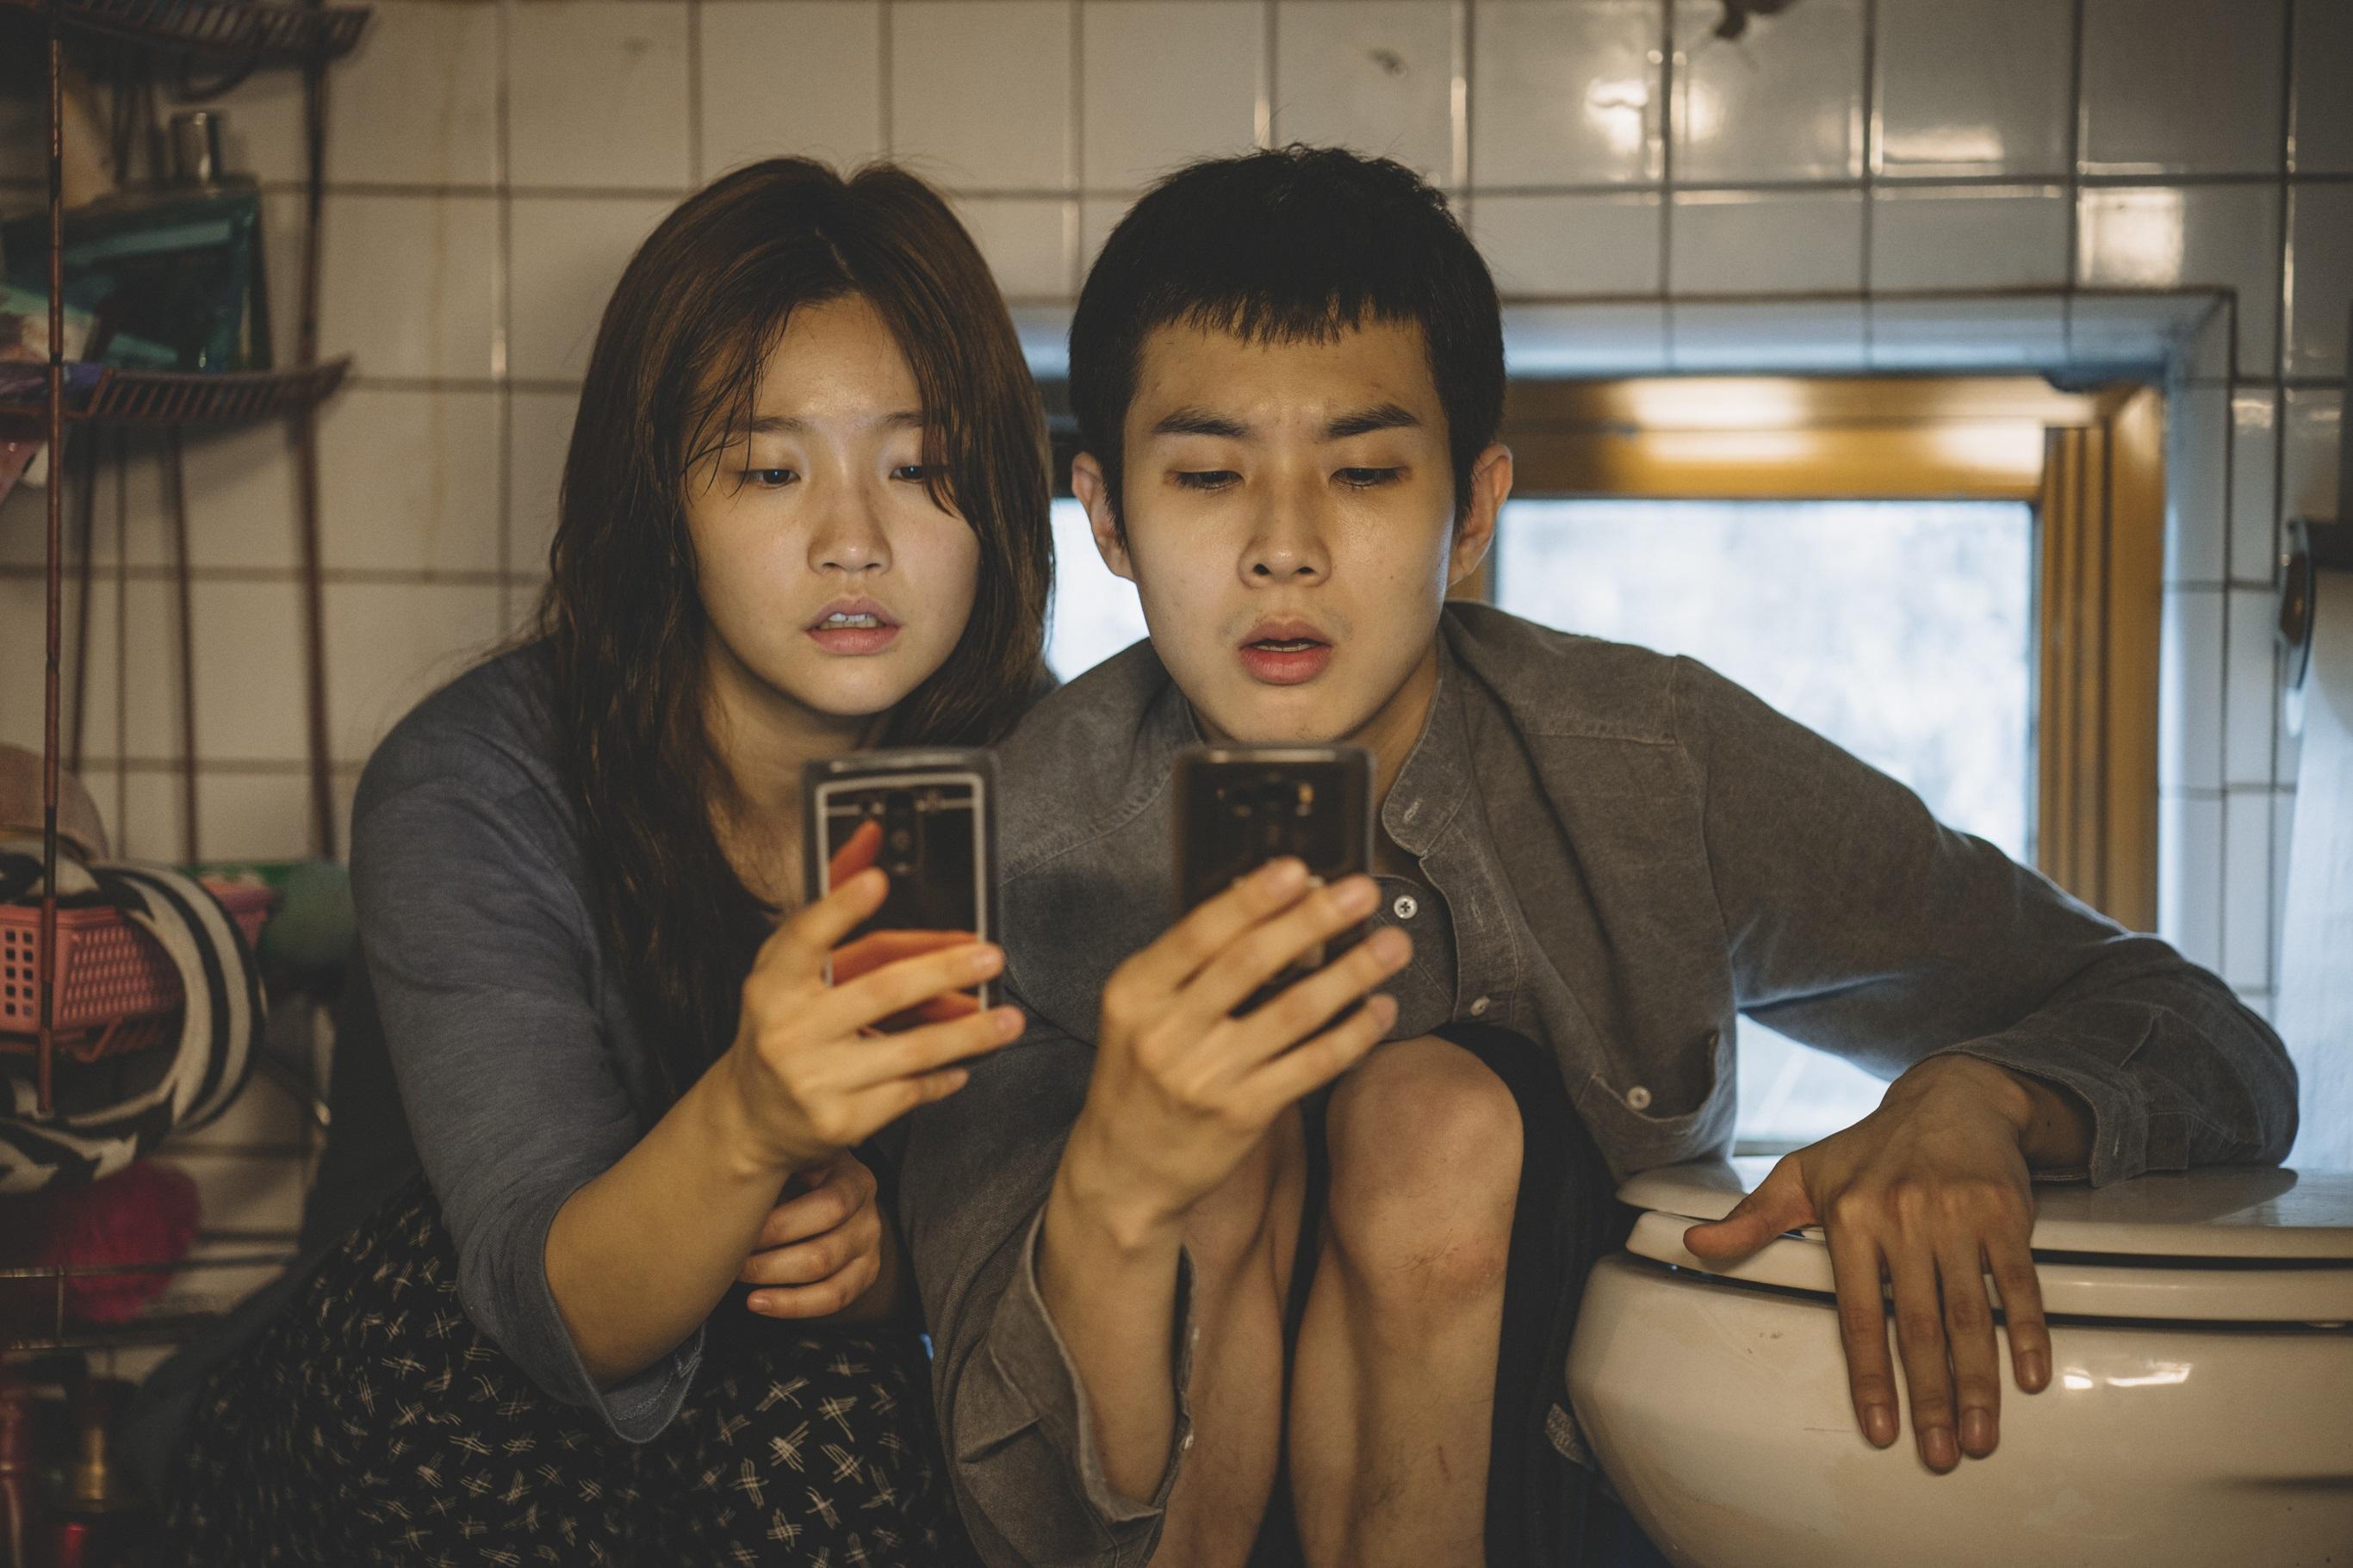 破奧斯卡紀錄 韓國電影《寄生上流》獲六項大獎提名